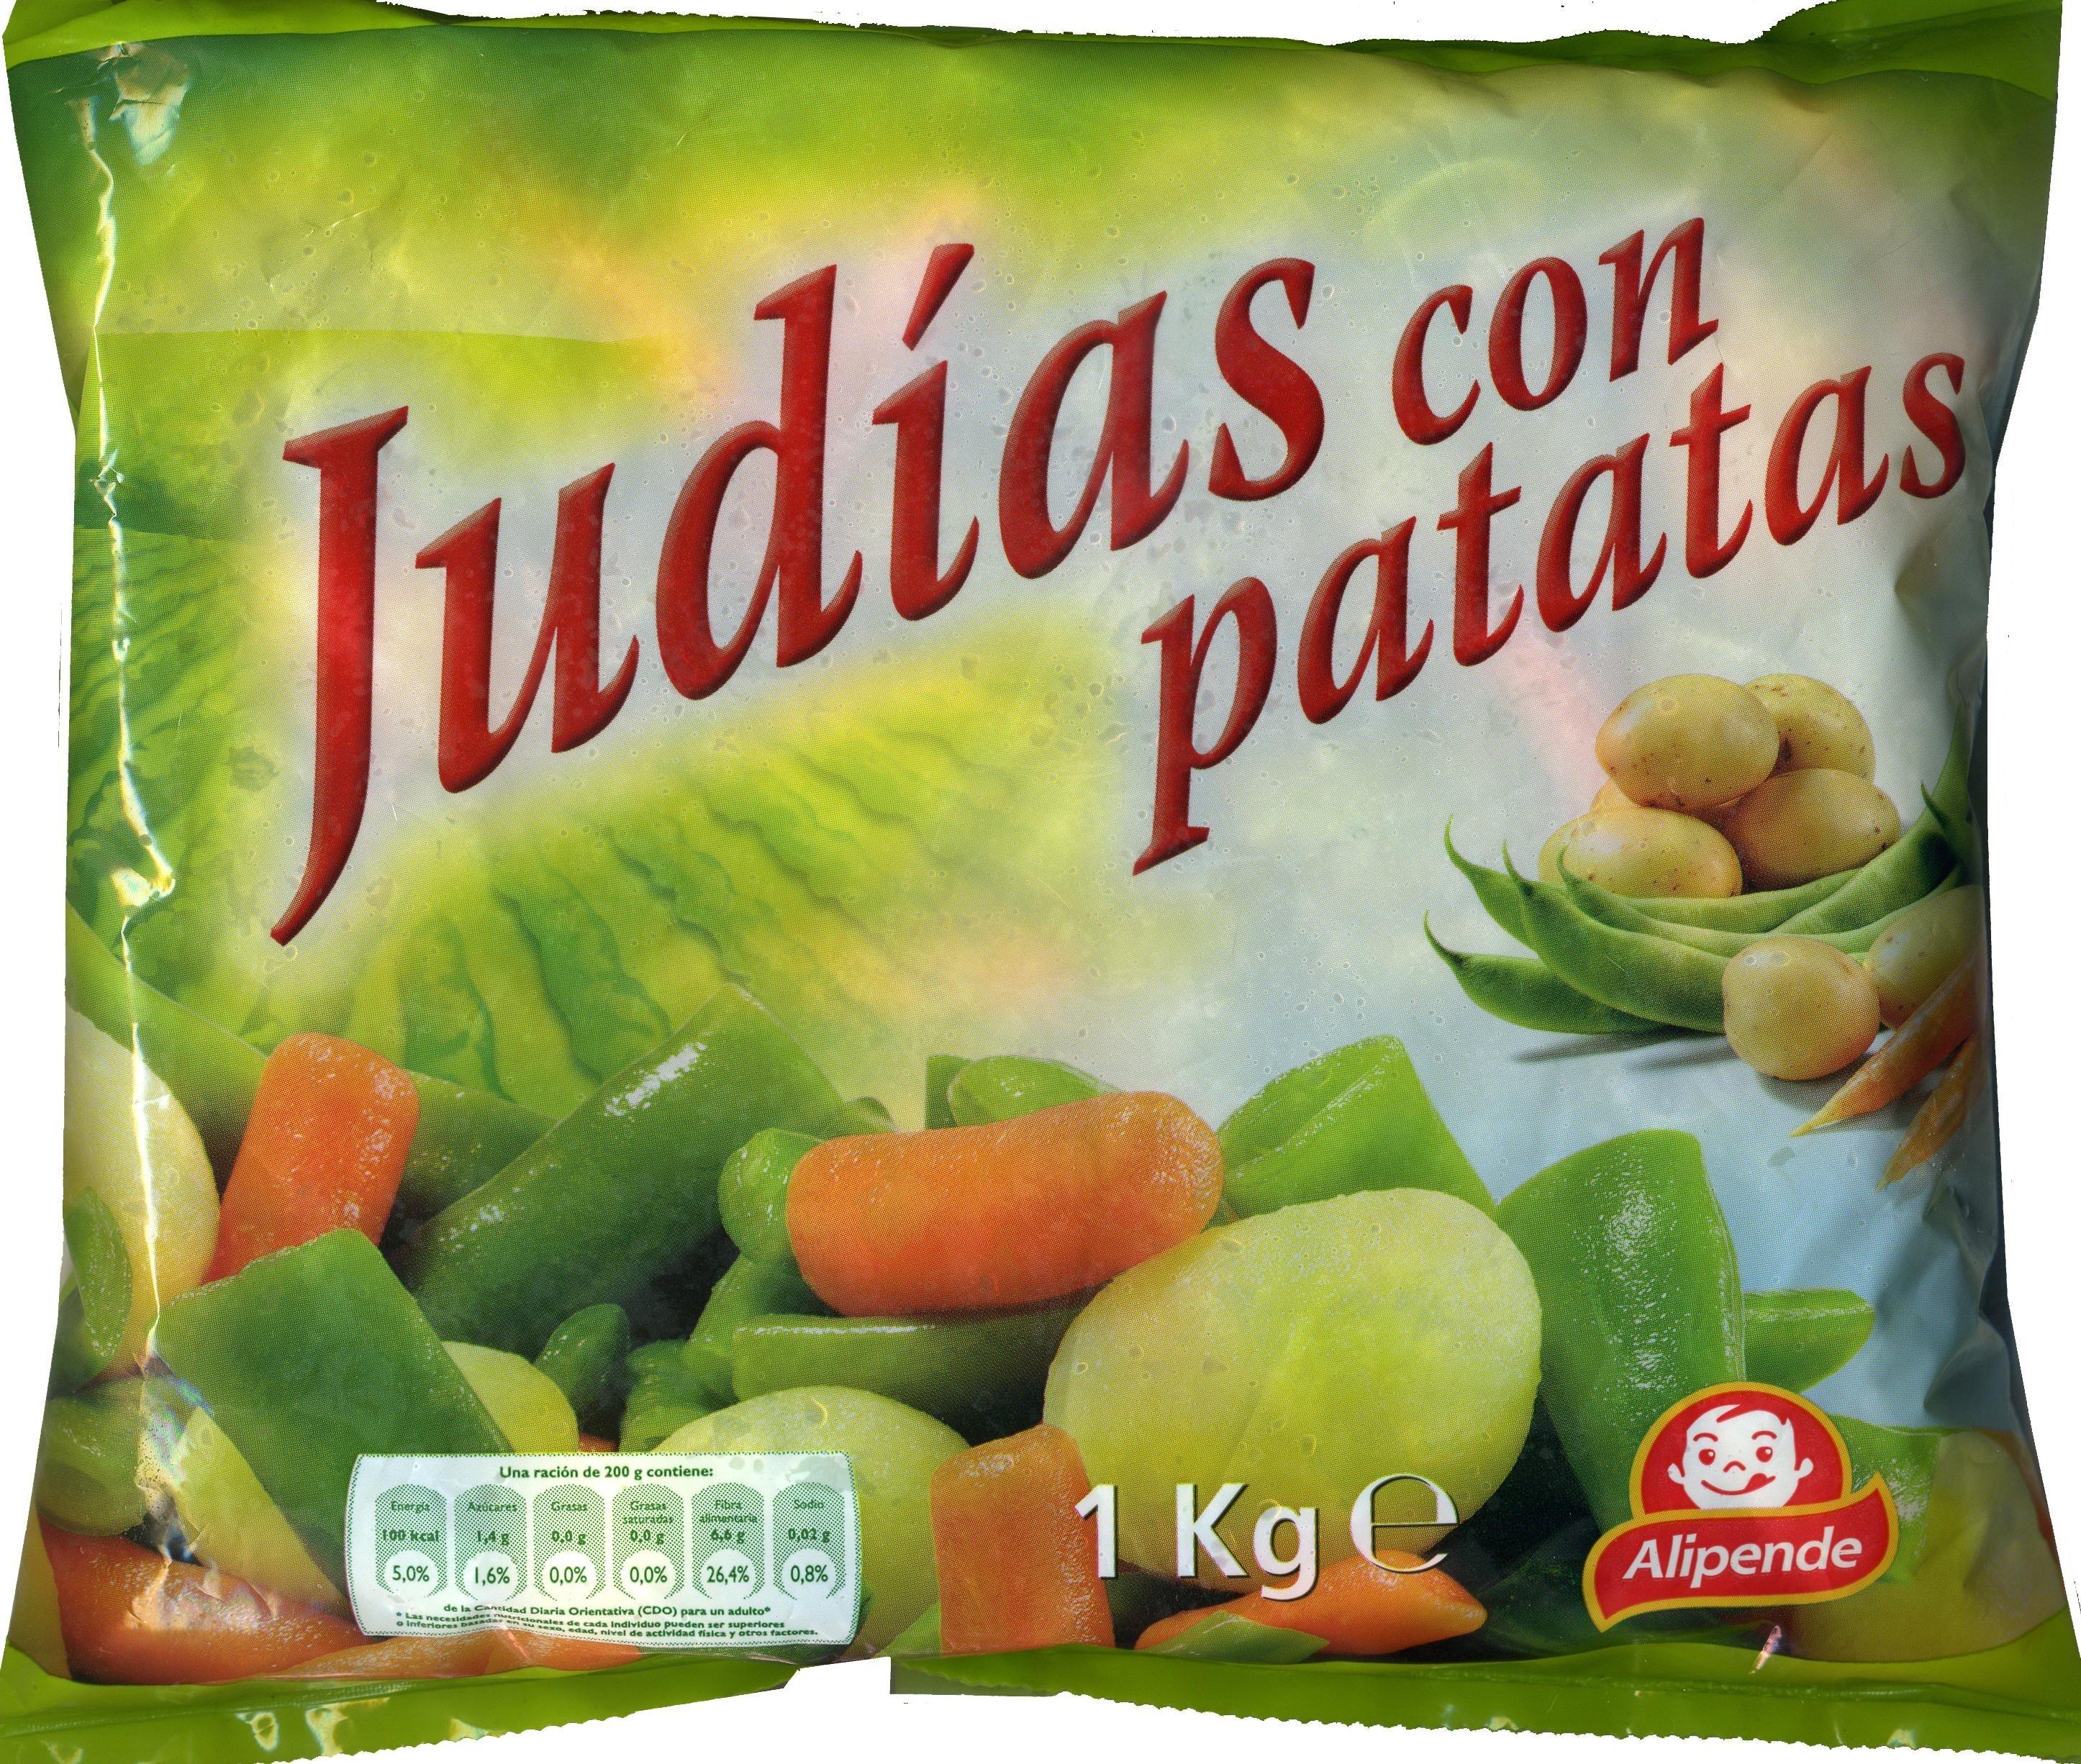 Judías con patatas - Product - es